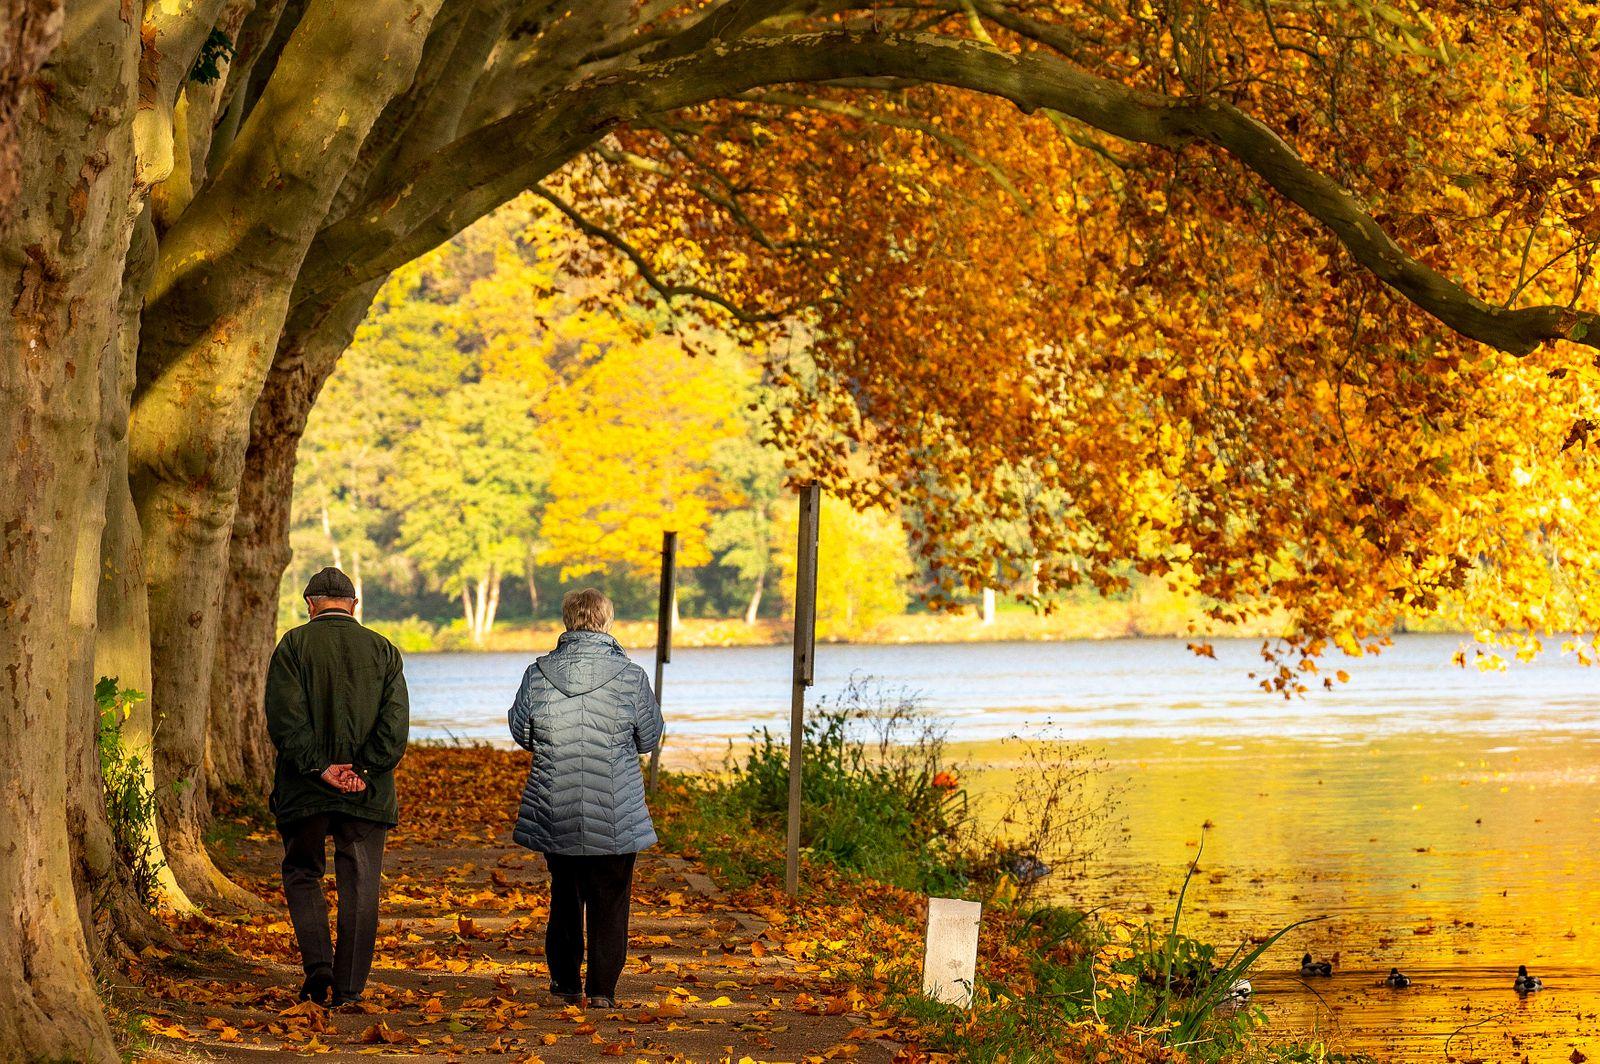 Platanen Allee, Uferweg am Baldeneysee, bei Haus Scheppen, in Essen, Herbst, NRW, Deutschland, Ruhrgebiet *** Platanen A